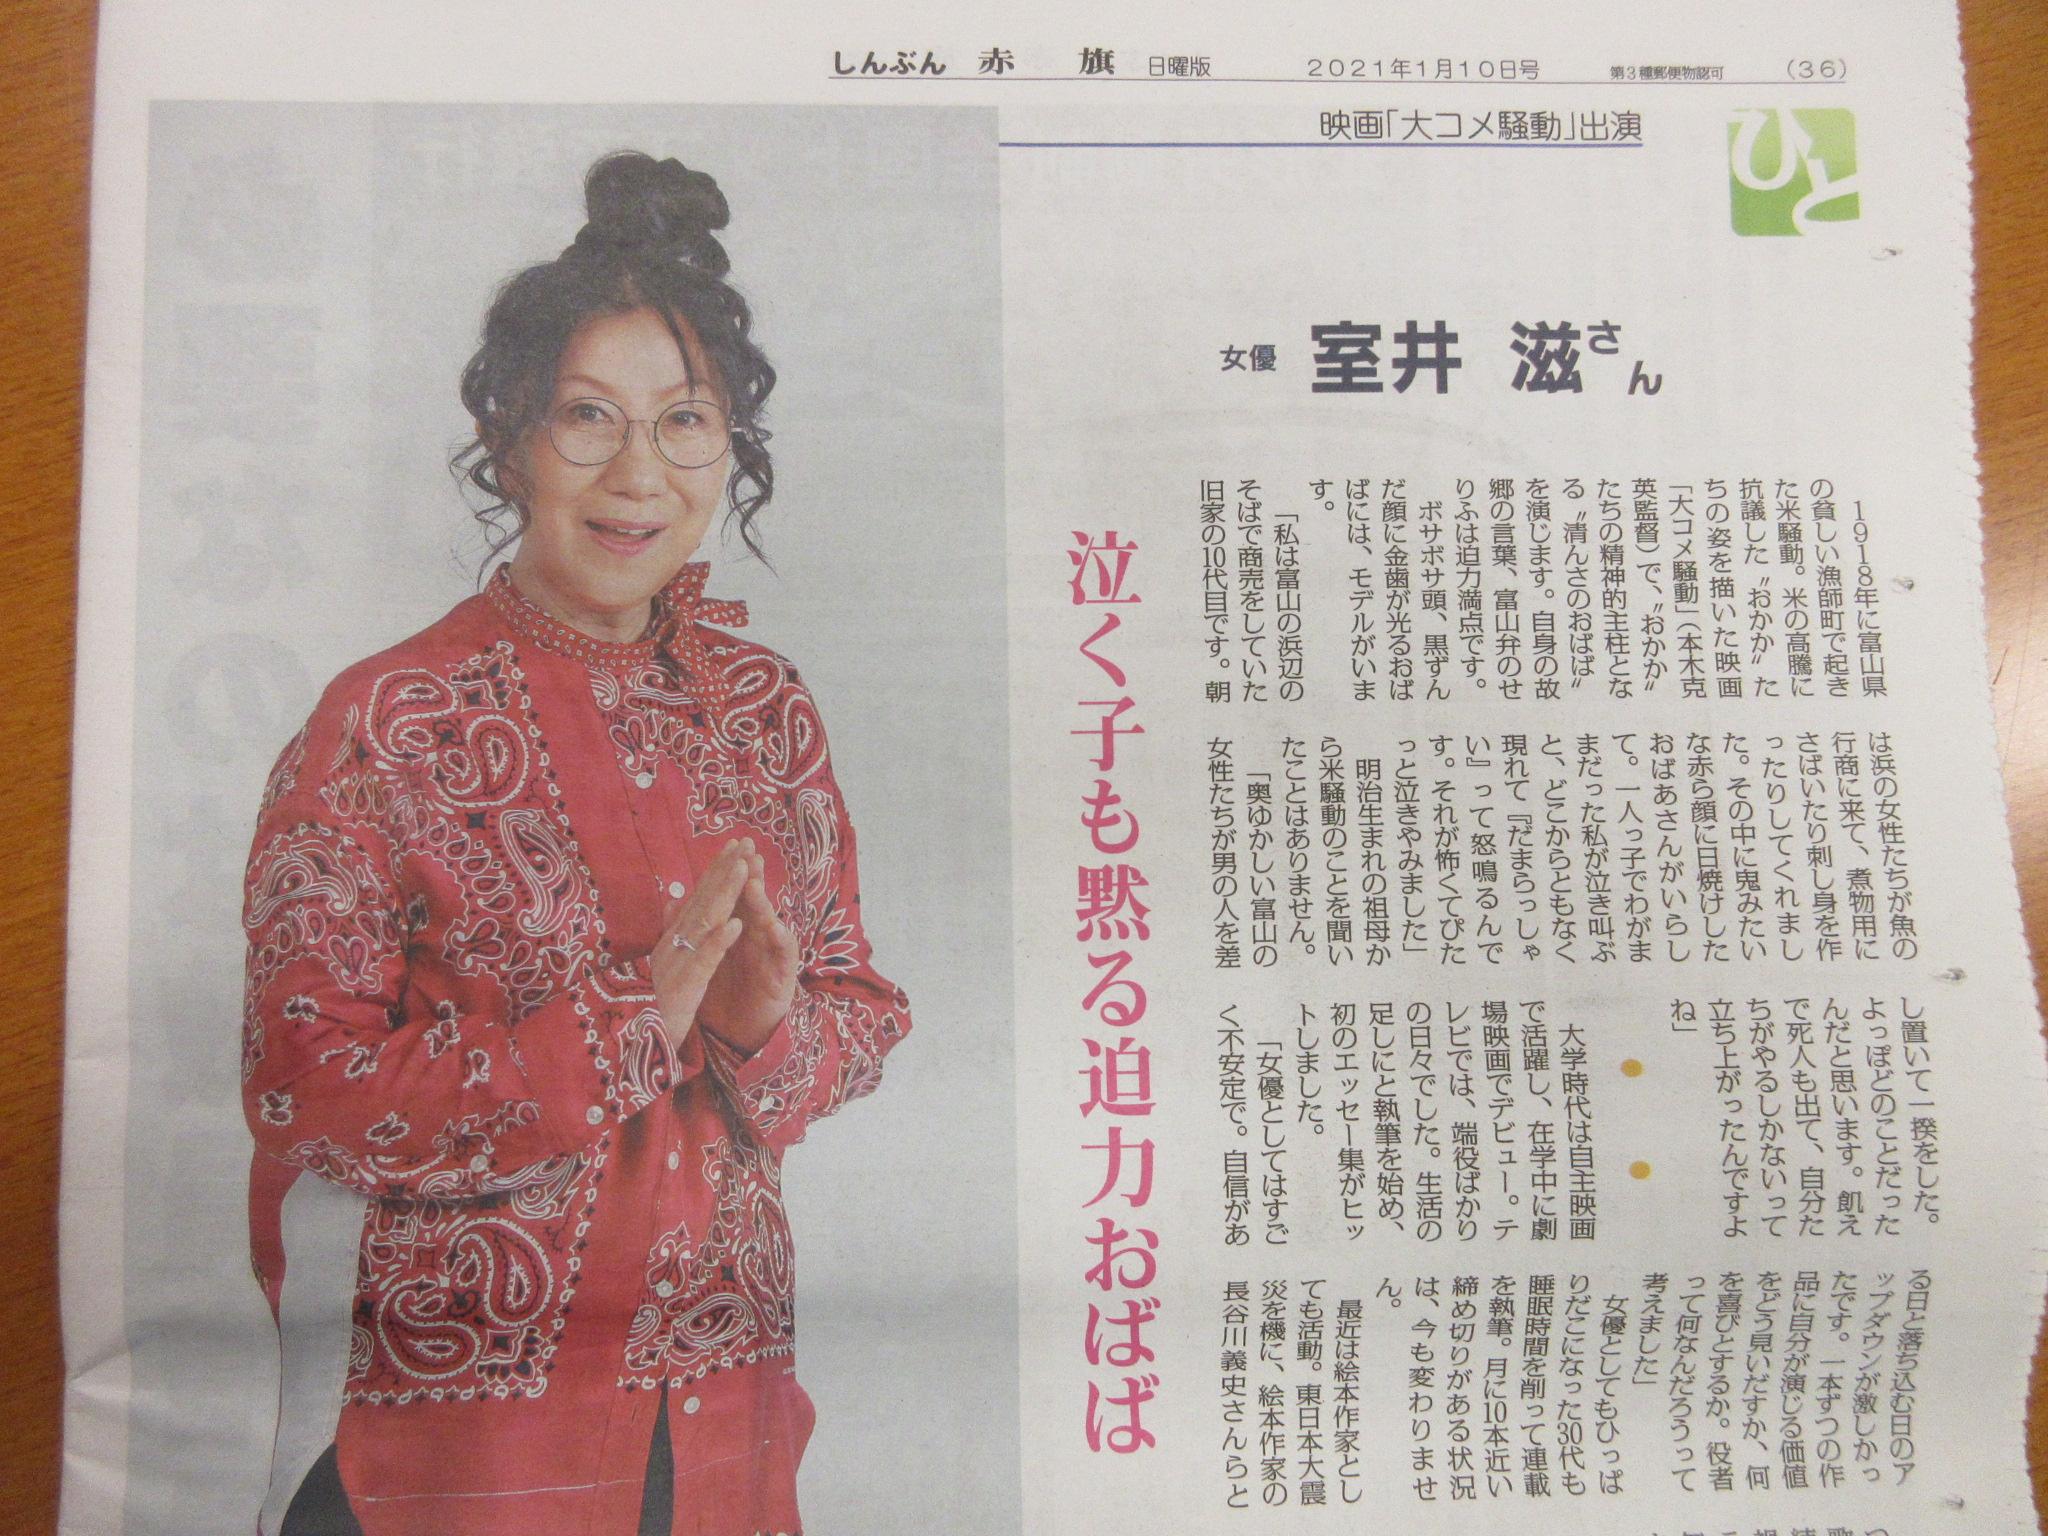 http://www.inoue-satoshi.com/diary/IMG_1919.JPG